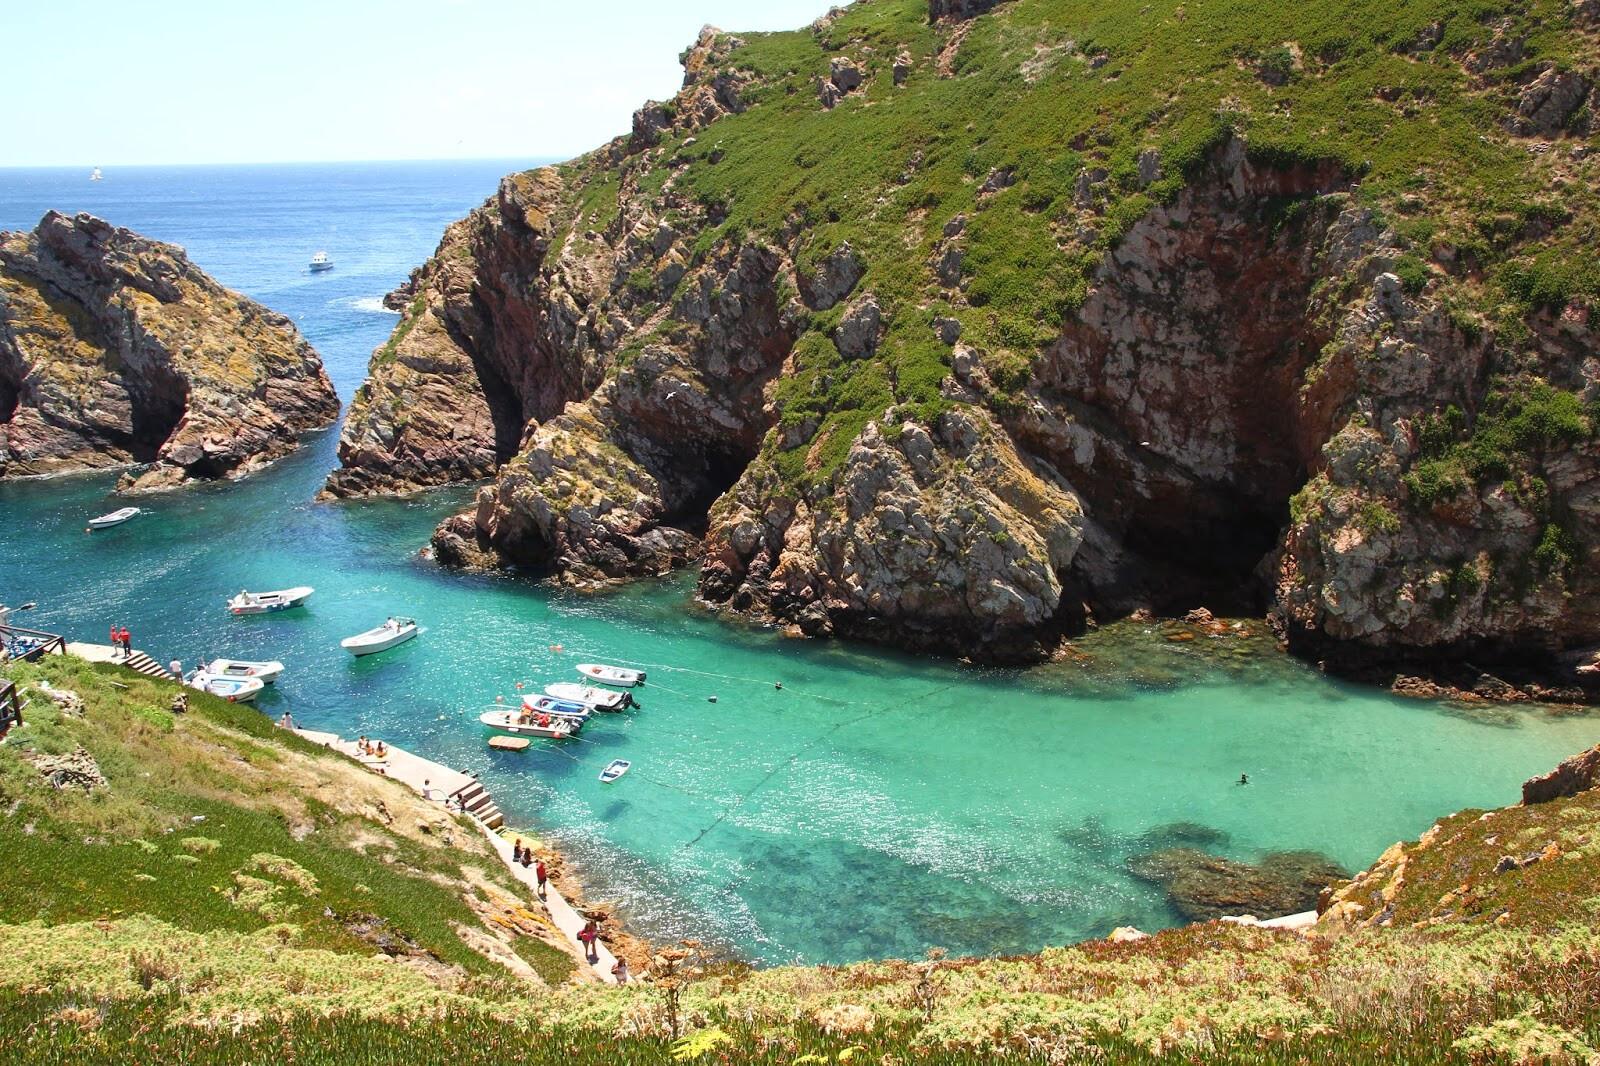 praia-da-berlenga-grande-as-melhores-praias-de-Portugal